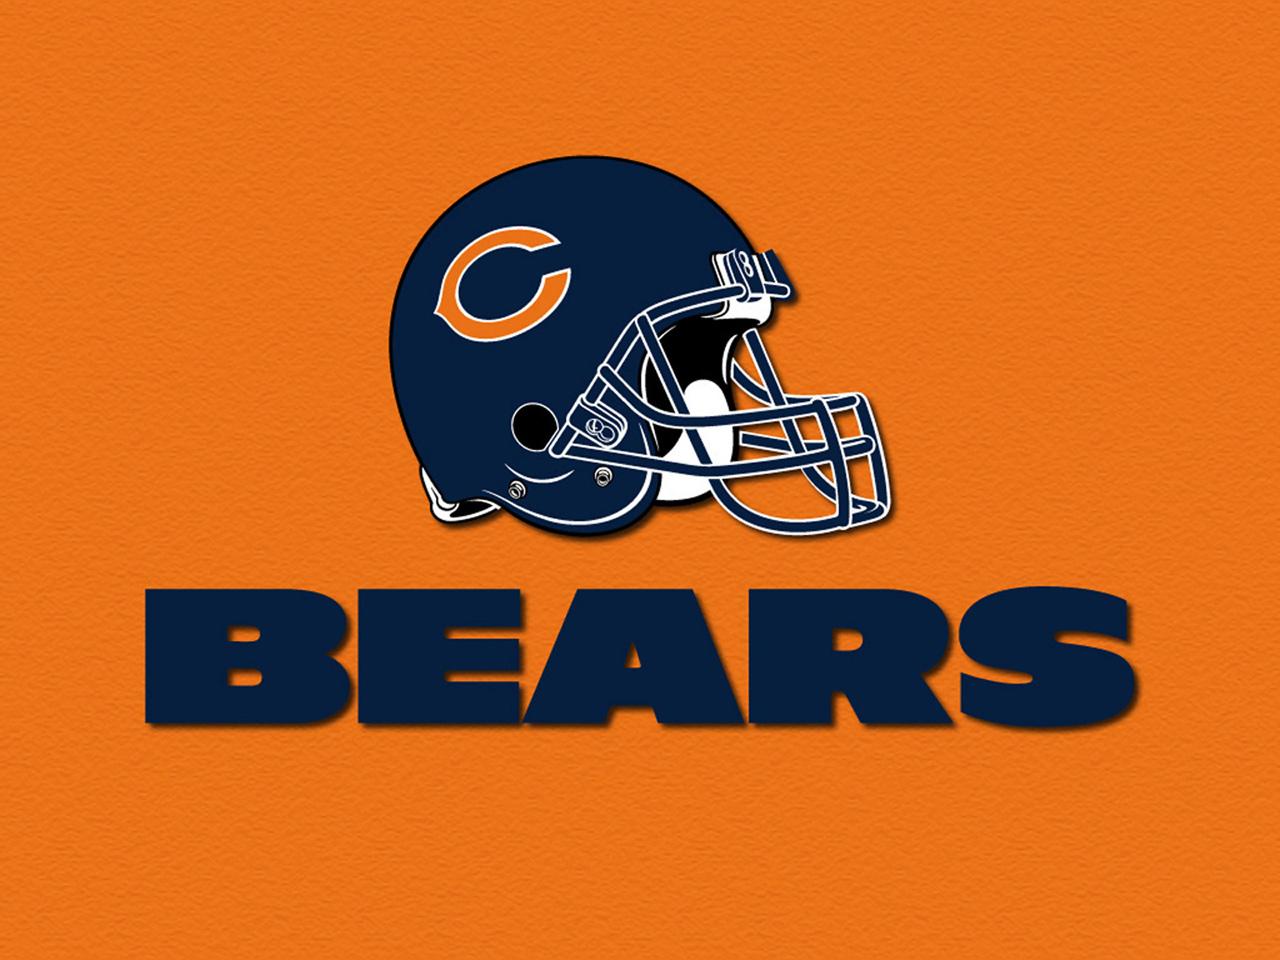 Chicago Bears Schedule 2010 computer desktop wallpapers 1280x960